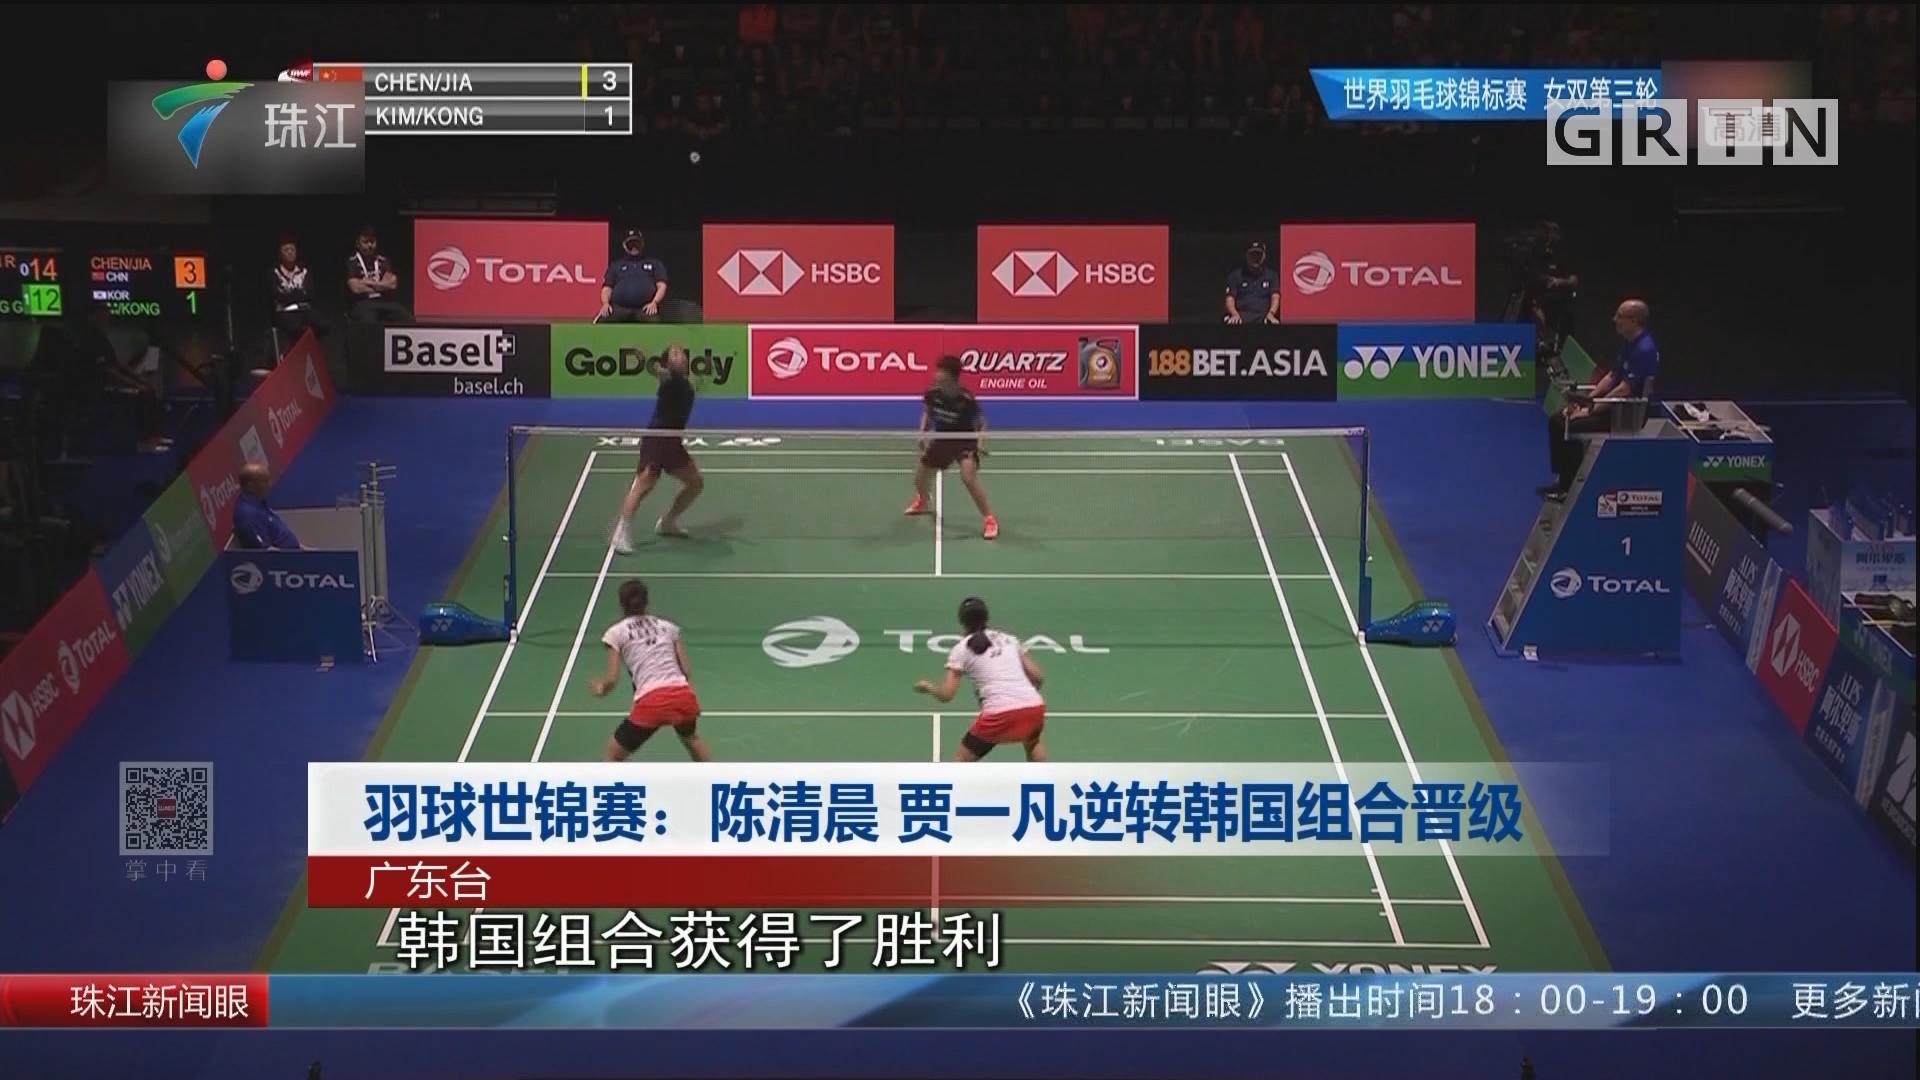 羽球世锦赛:陈清晨 贾一凡逆转韩国组合晋级